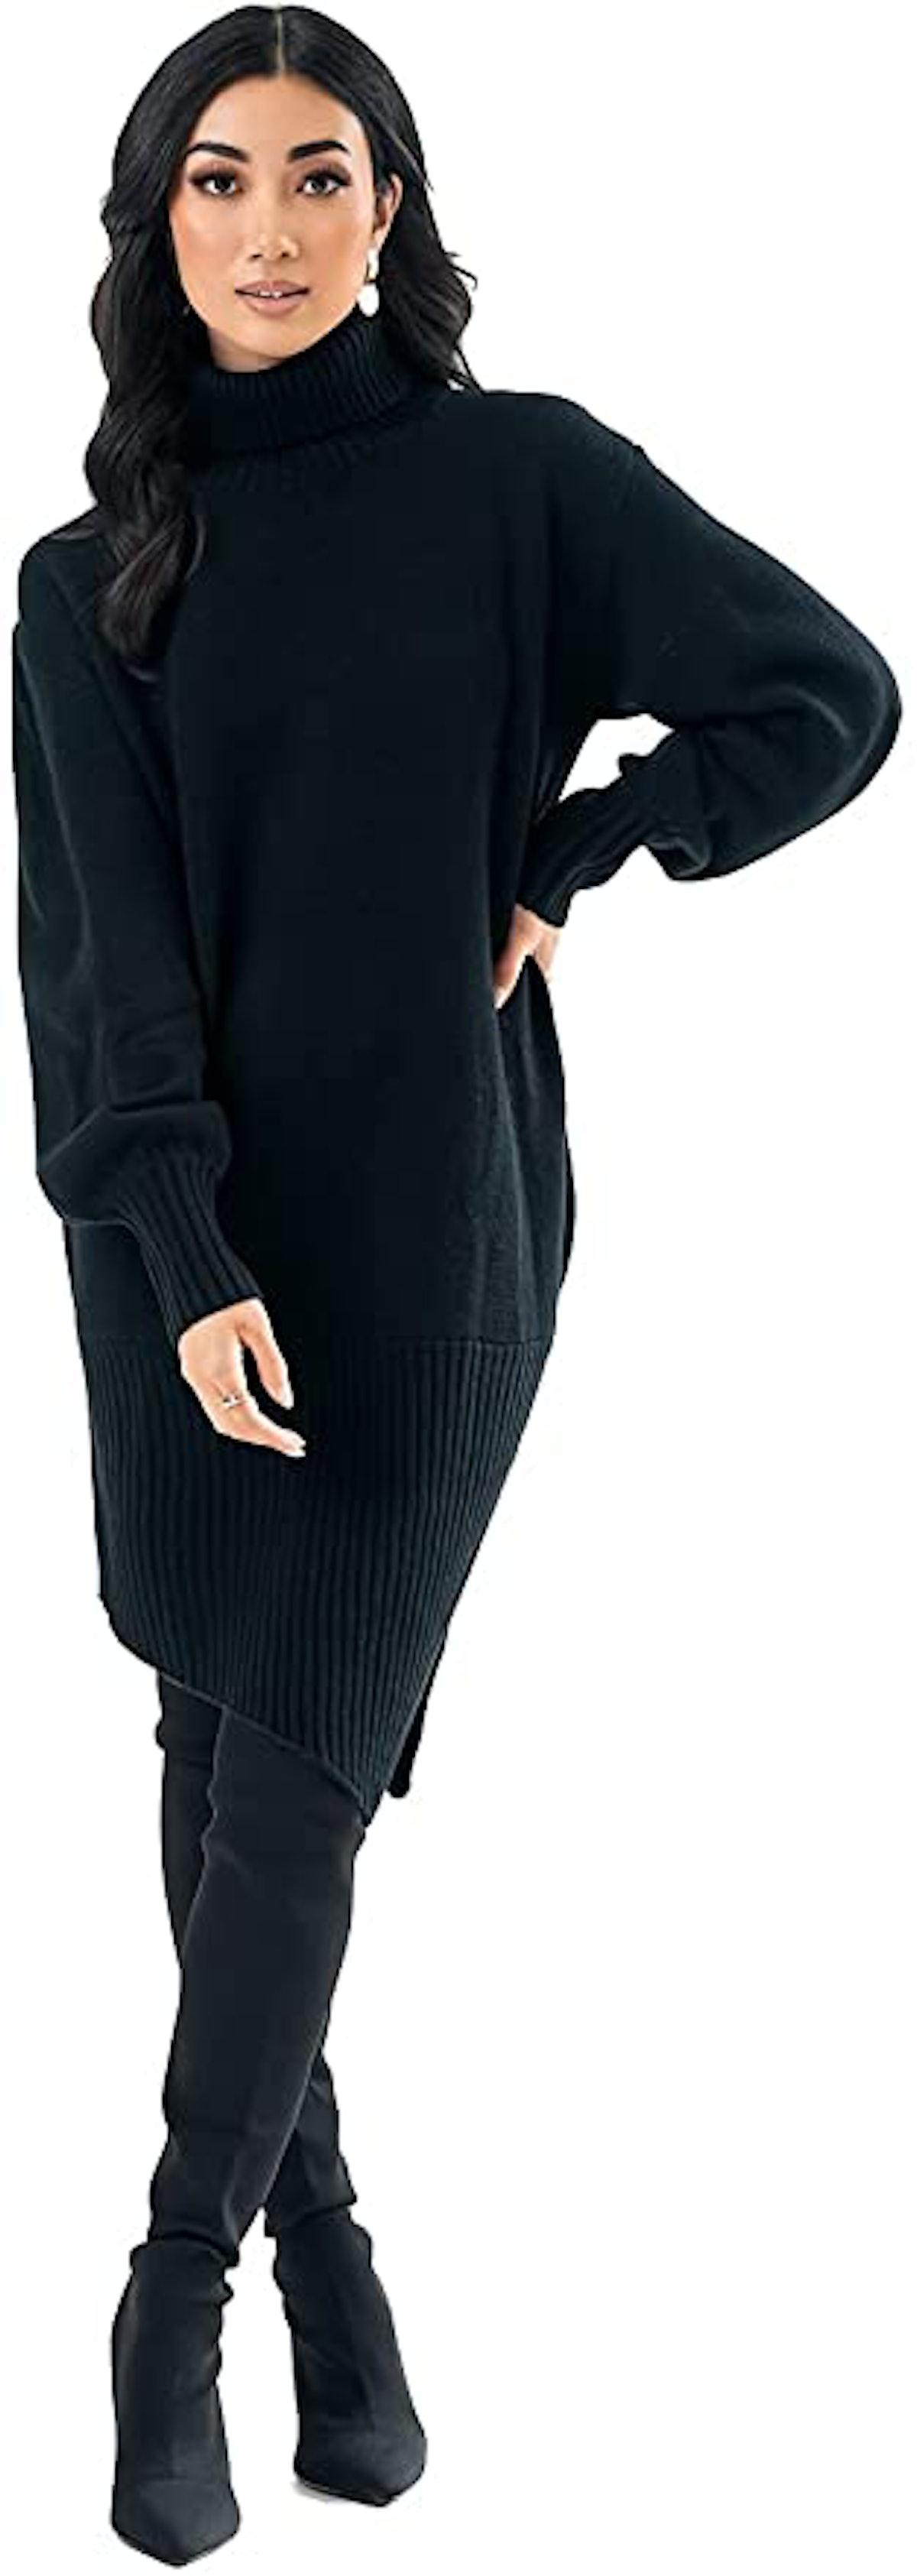 Pantora Sabrina Asymmetrical Sweater Dress